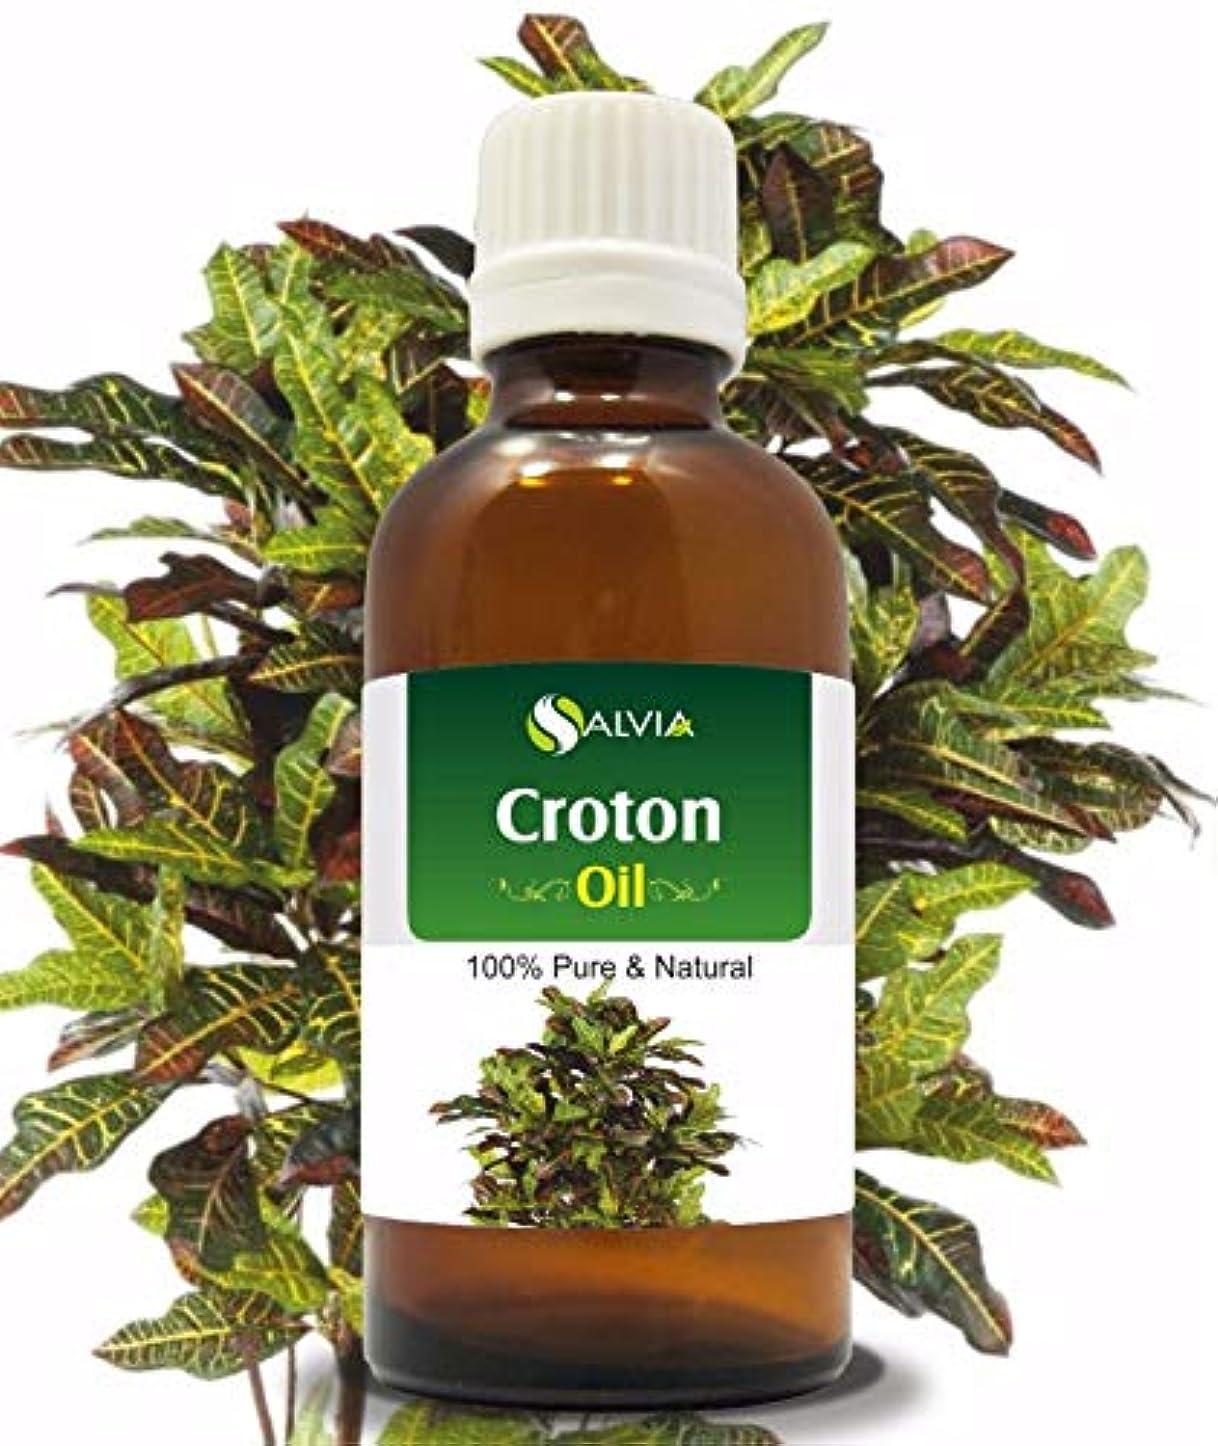 鯨悪い崩壊Croton (Crotonis Oleum) 100% Natural Pure Carrier Oil 50ml